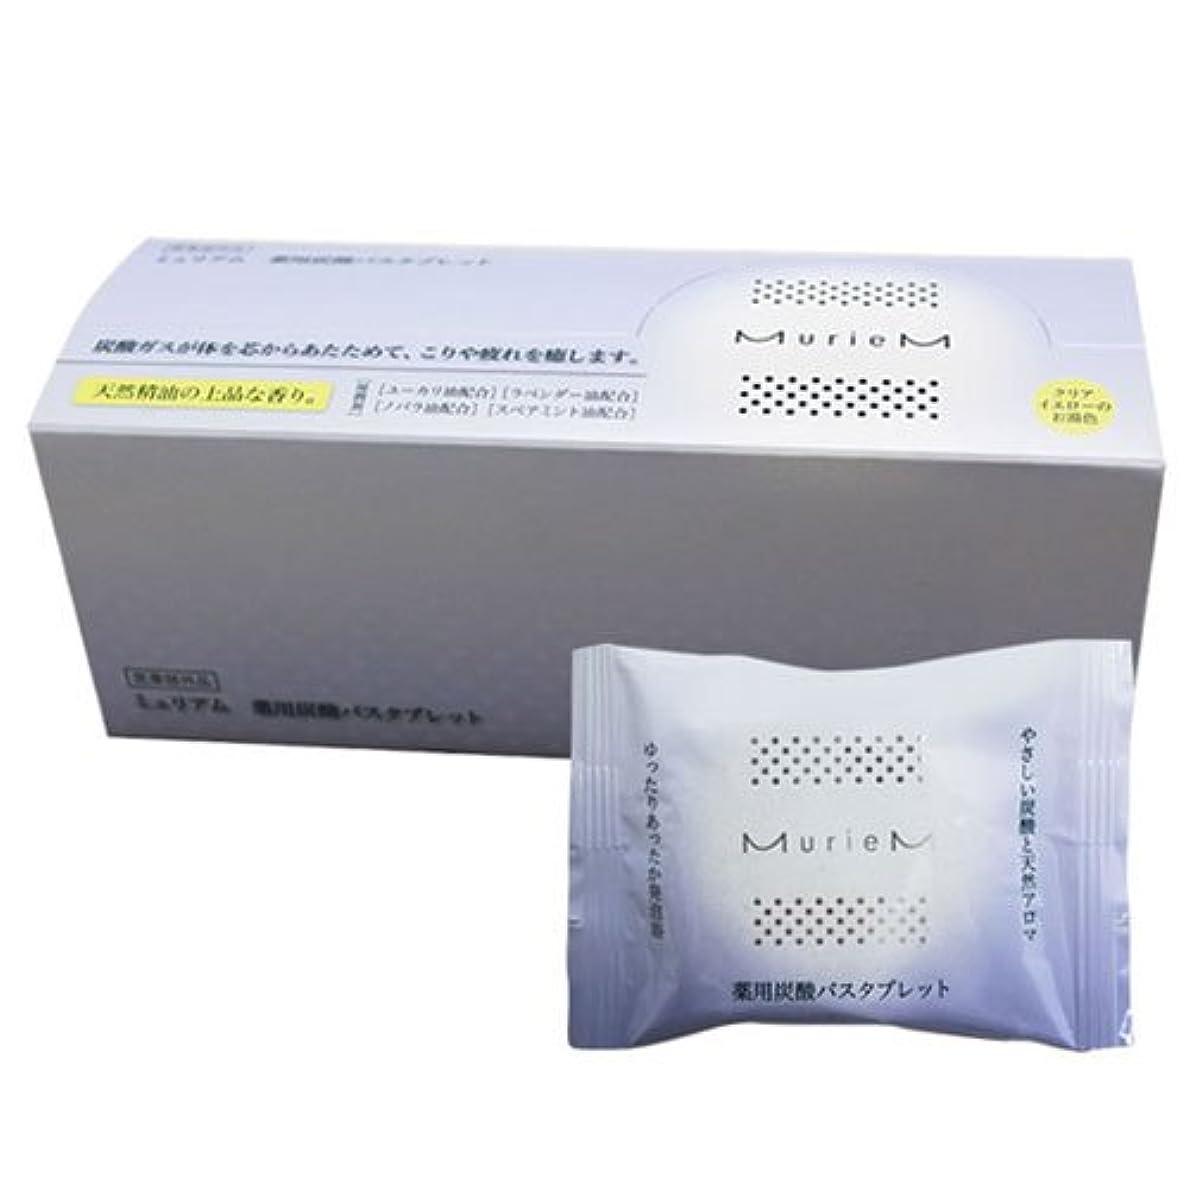 簿記係推進いうナンバースリー ミュリアム 薬用炭酸バスタブレット 30g×10包 [医薬部外品]